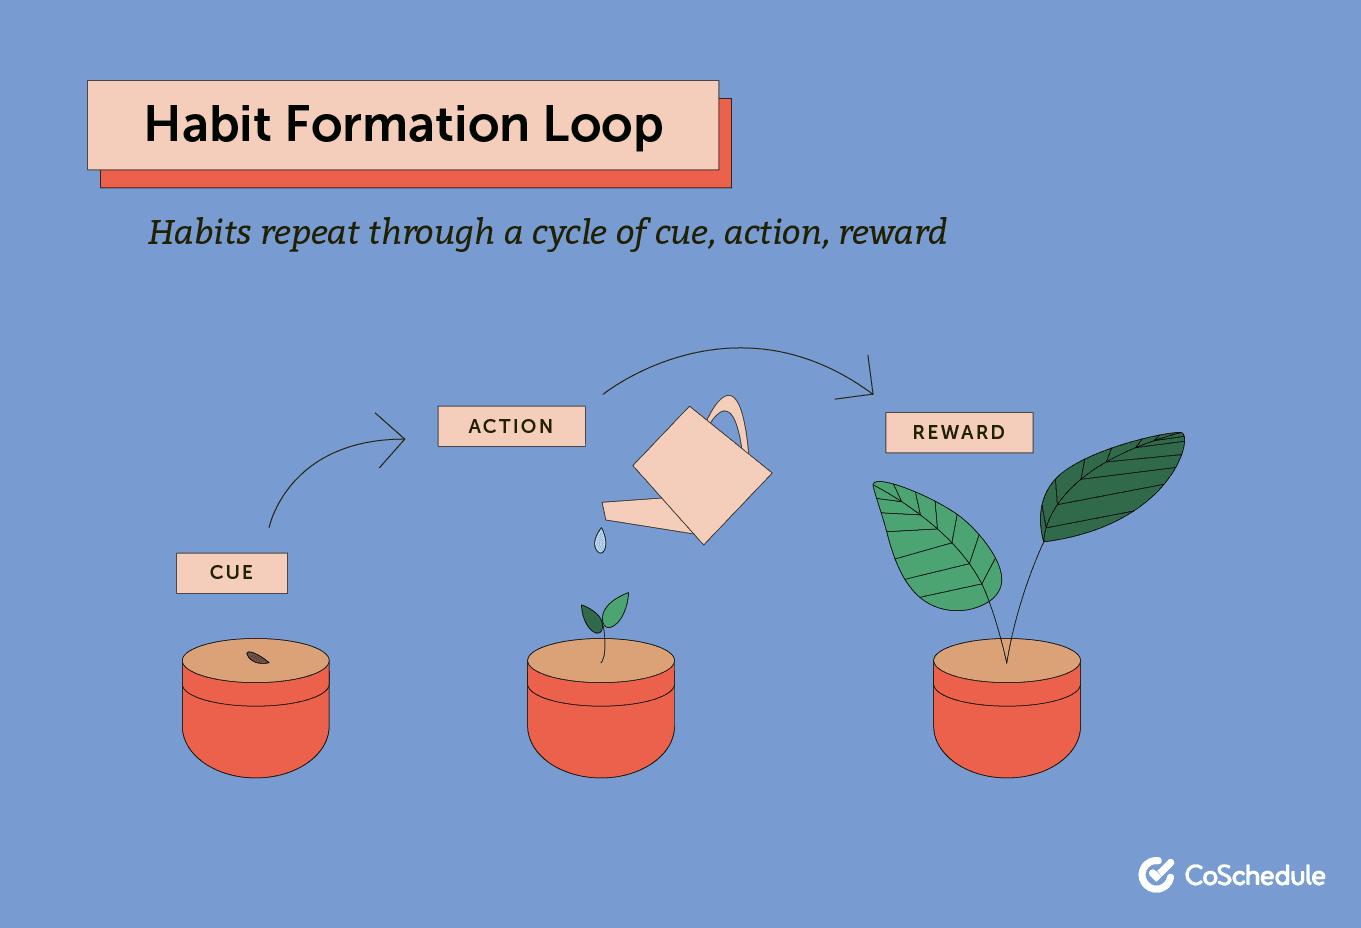 Habit formation loop